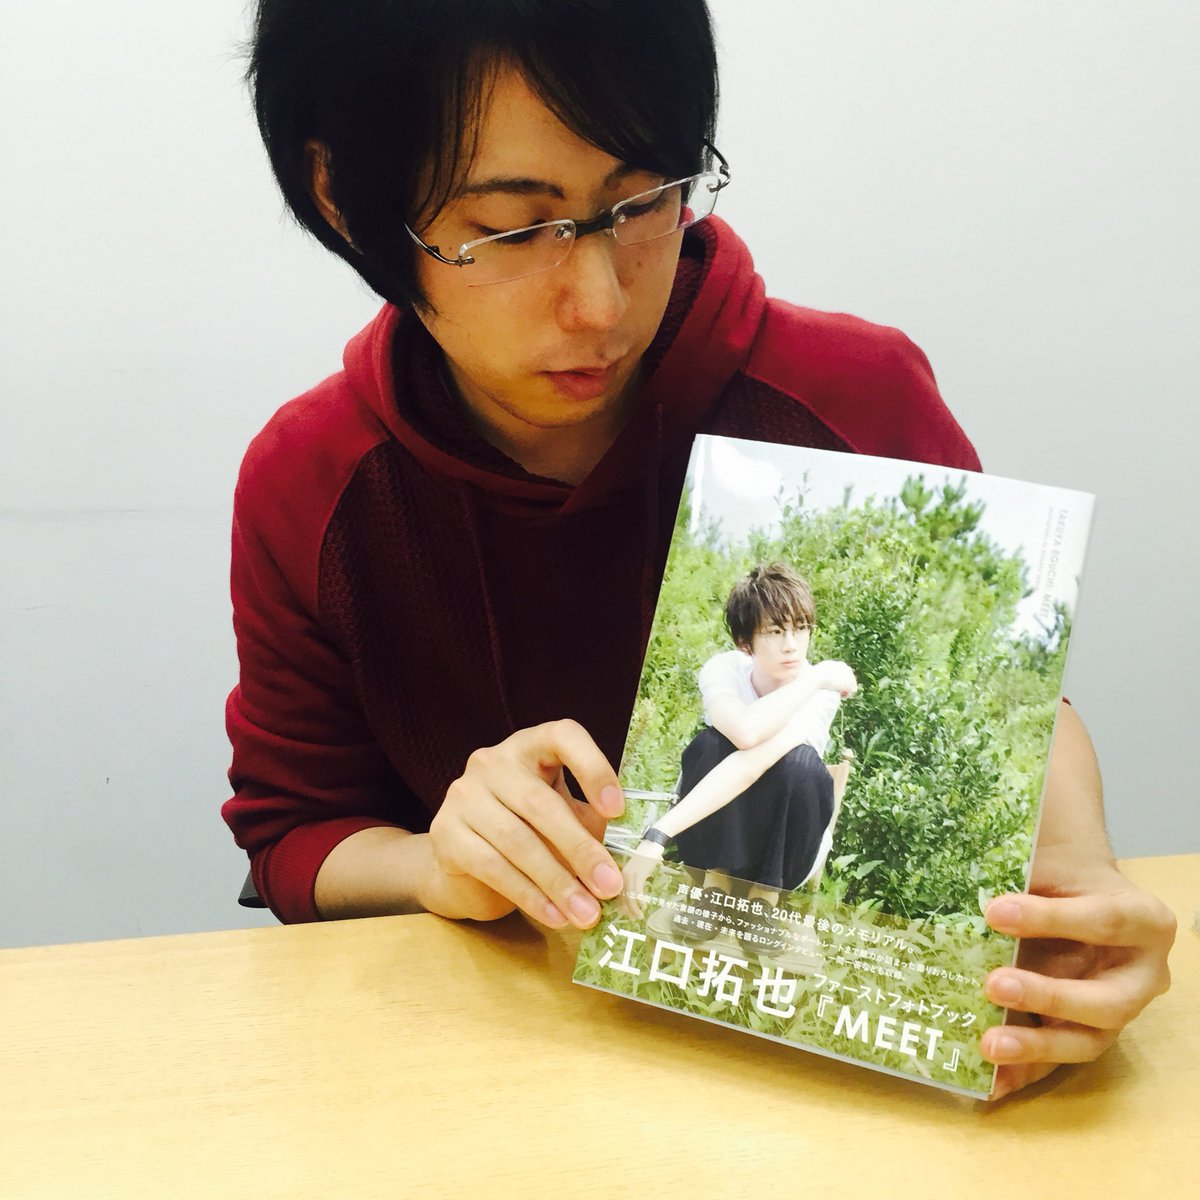 江口ぱいせんの写真集いただきました!!すっっごくいいです…..ほんとに….。11/19リリースです!